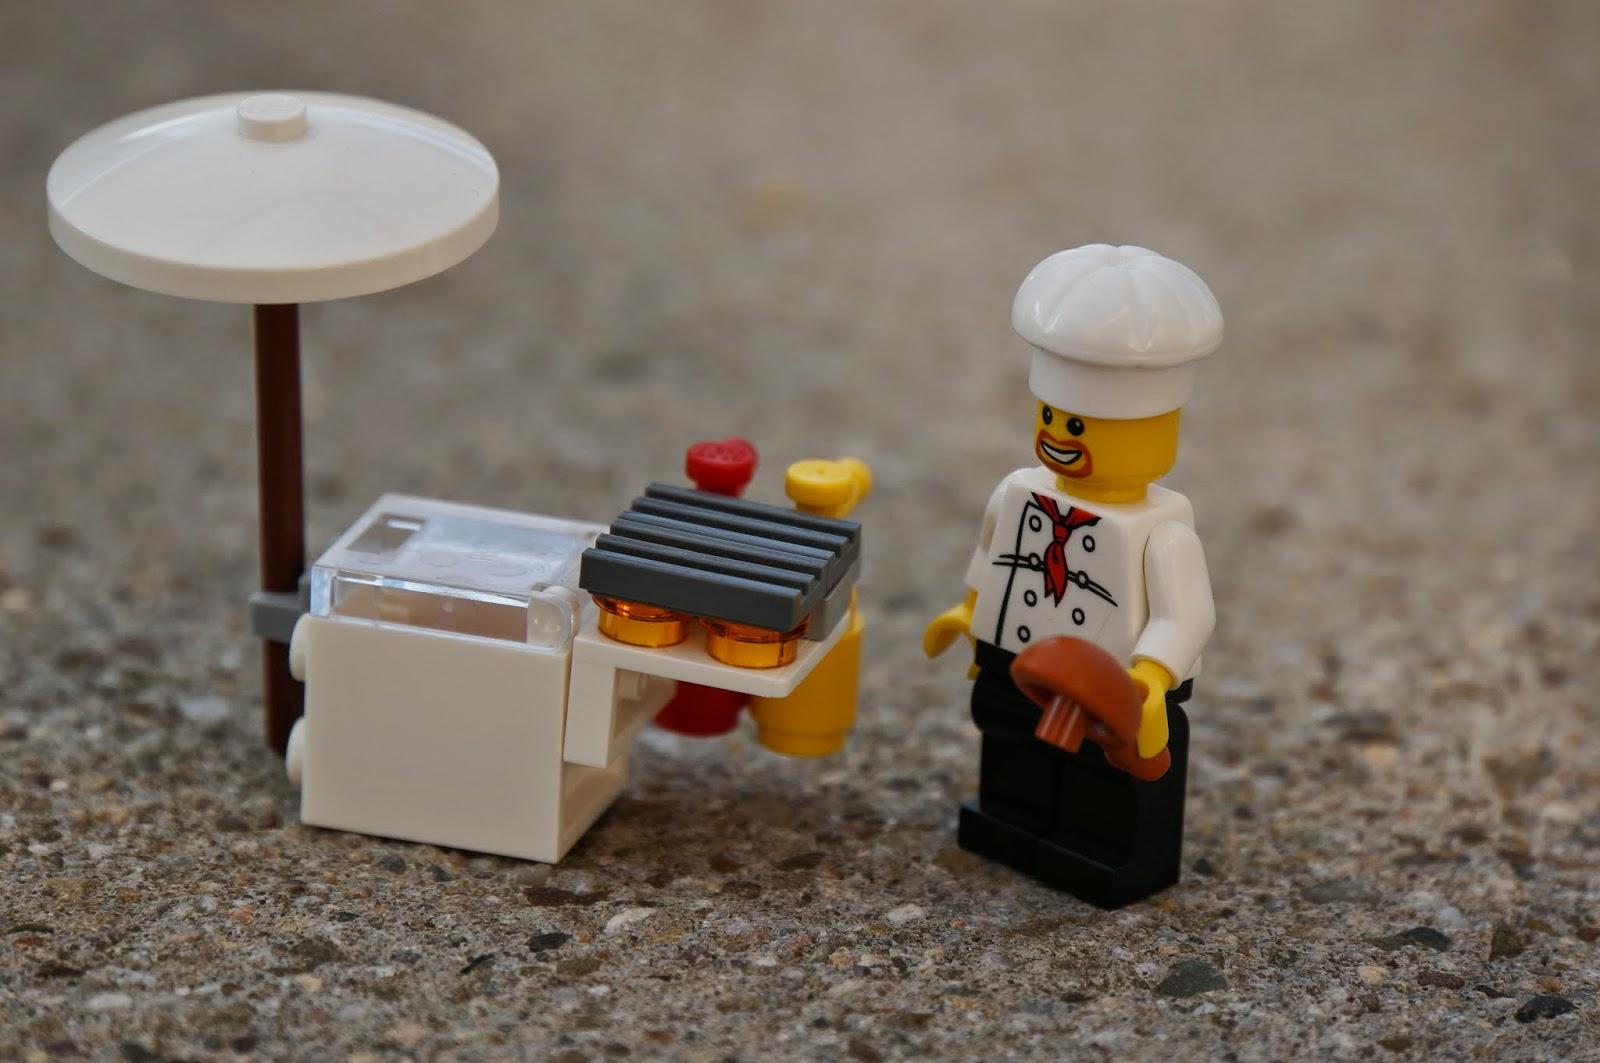 stadtlandjob Imbiß Lego